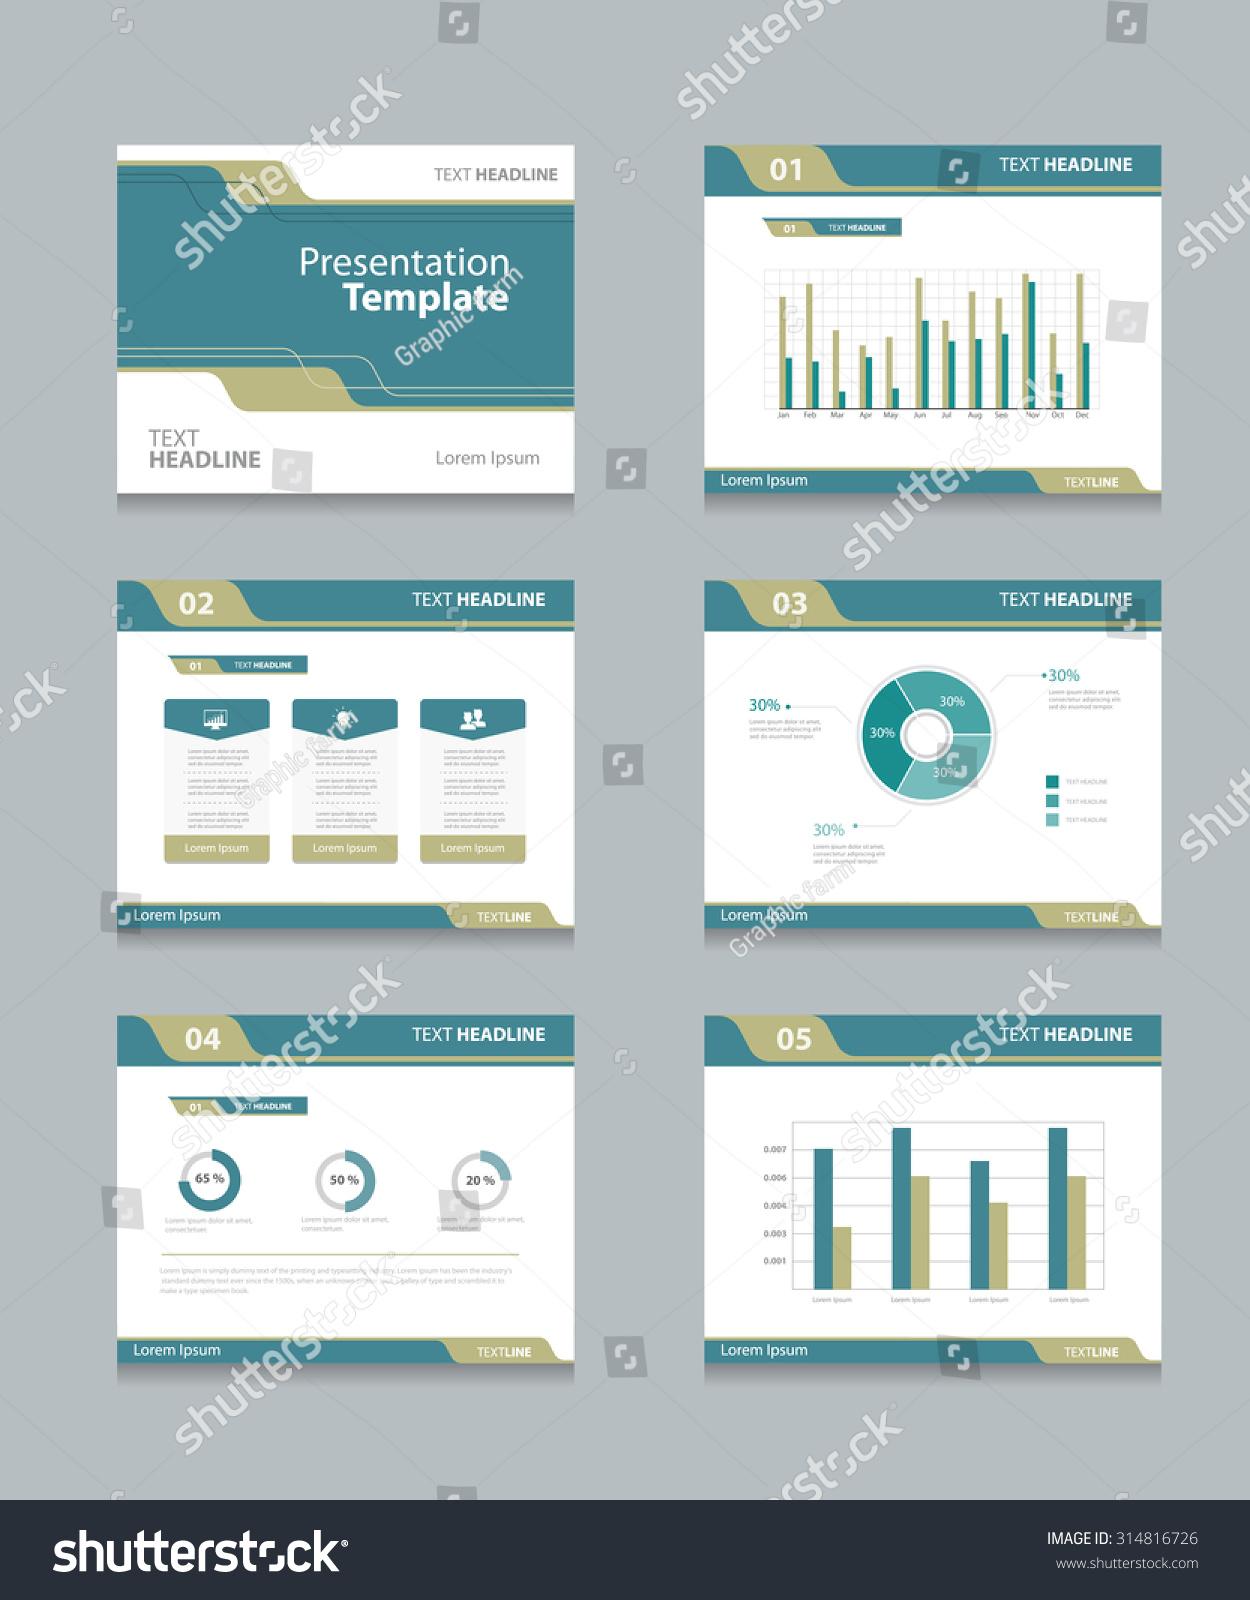 Presentation Slides Vectors